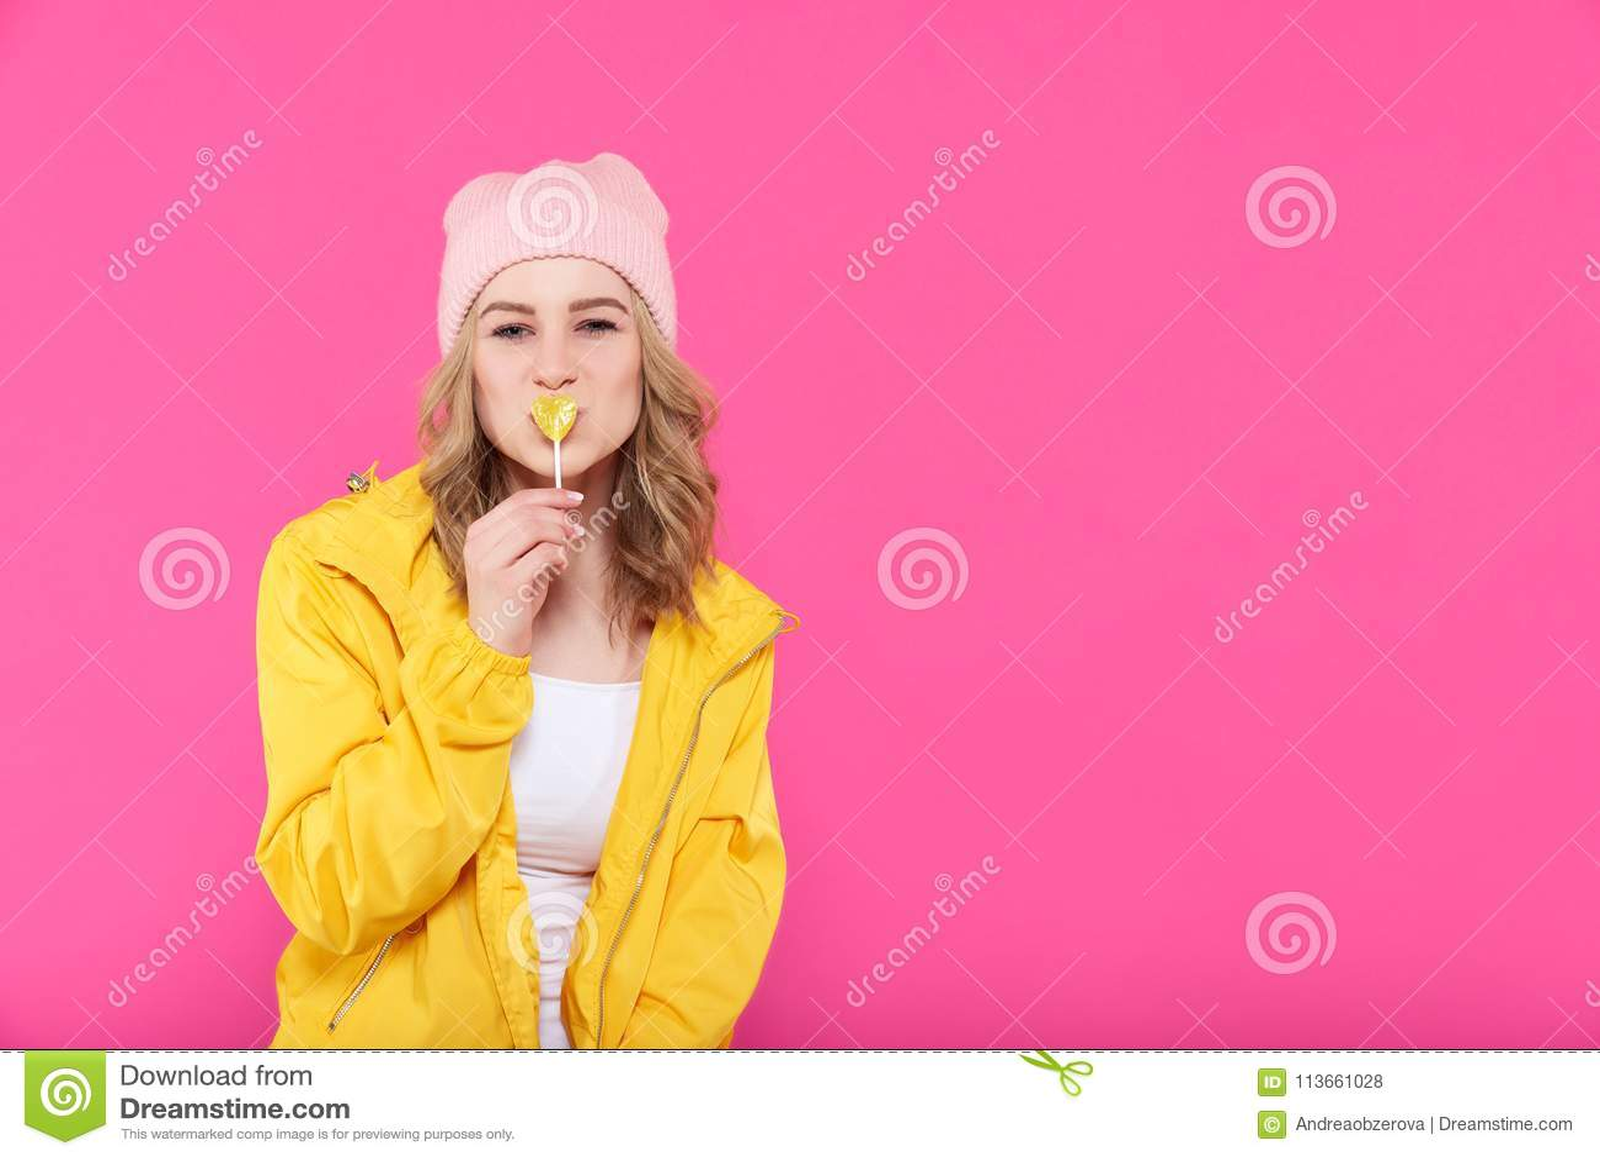 Piękna modna dziewczyna w kolorowych ubraniach i różowa beanie całowania sztuka kształtowaliśmy popsicle [on] Co] ol y] oung kobi